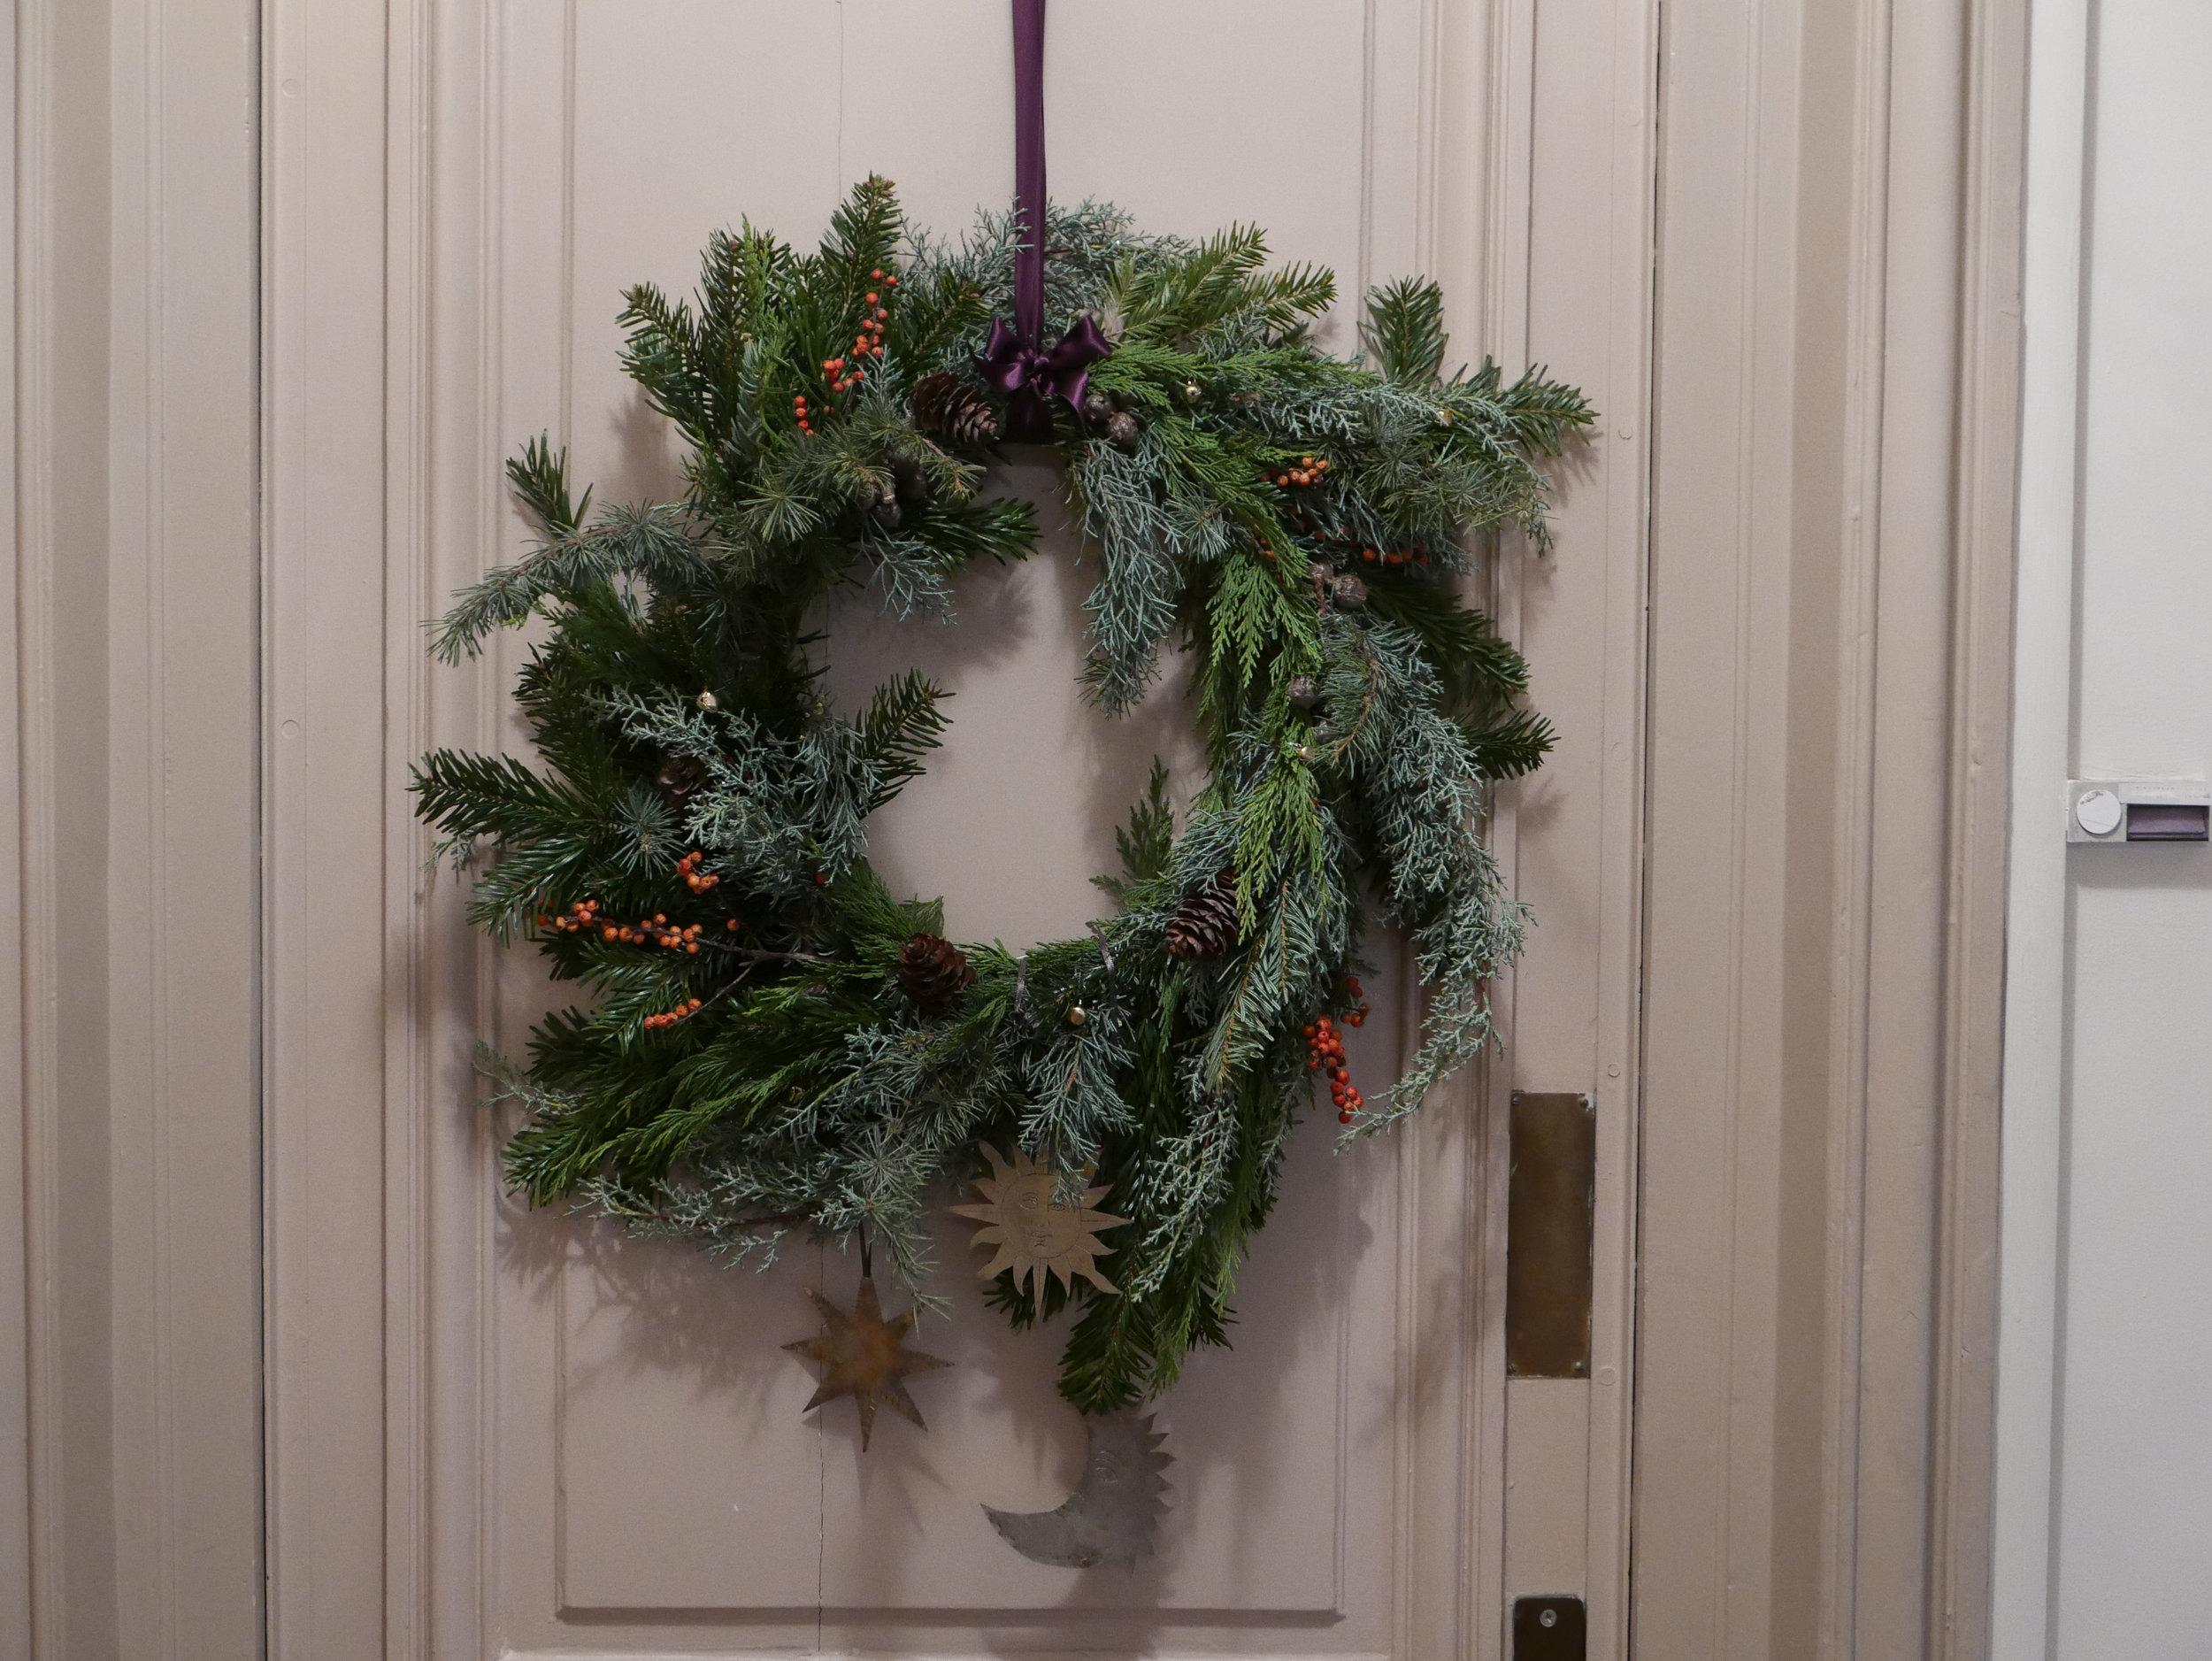 Une jolie couronne de Noël pour accueillir vos convives par Datcha